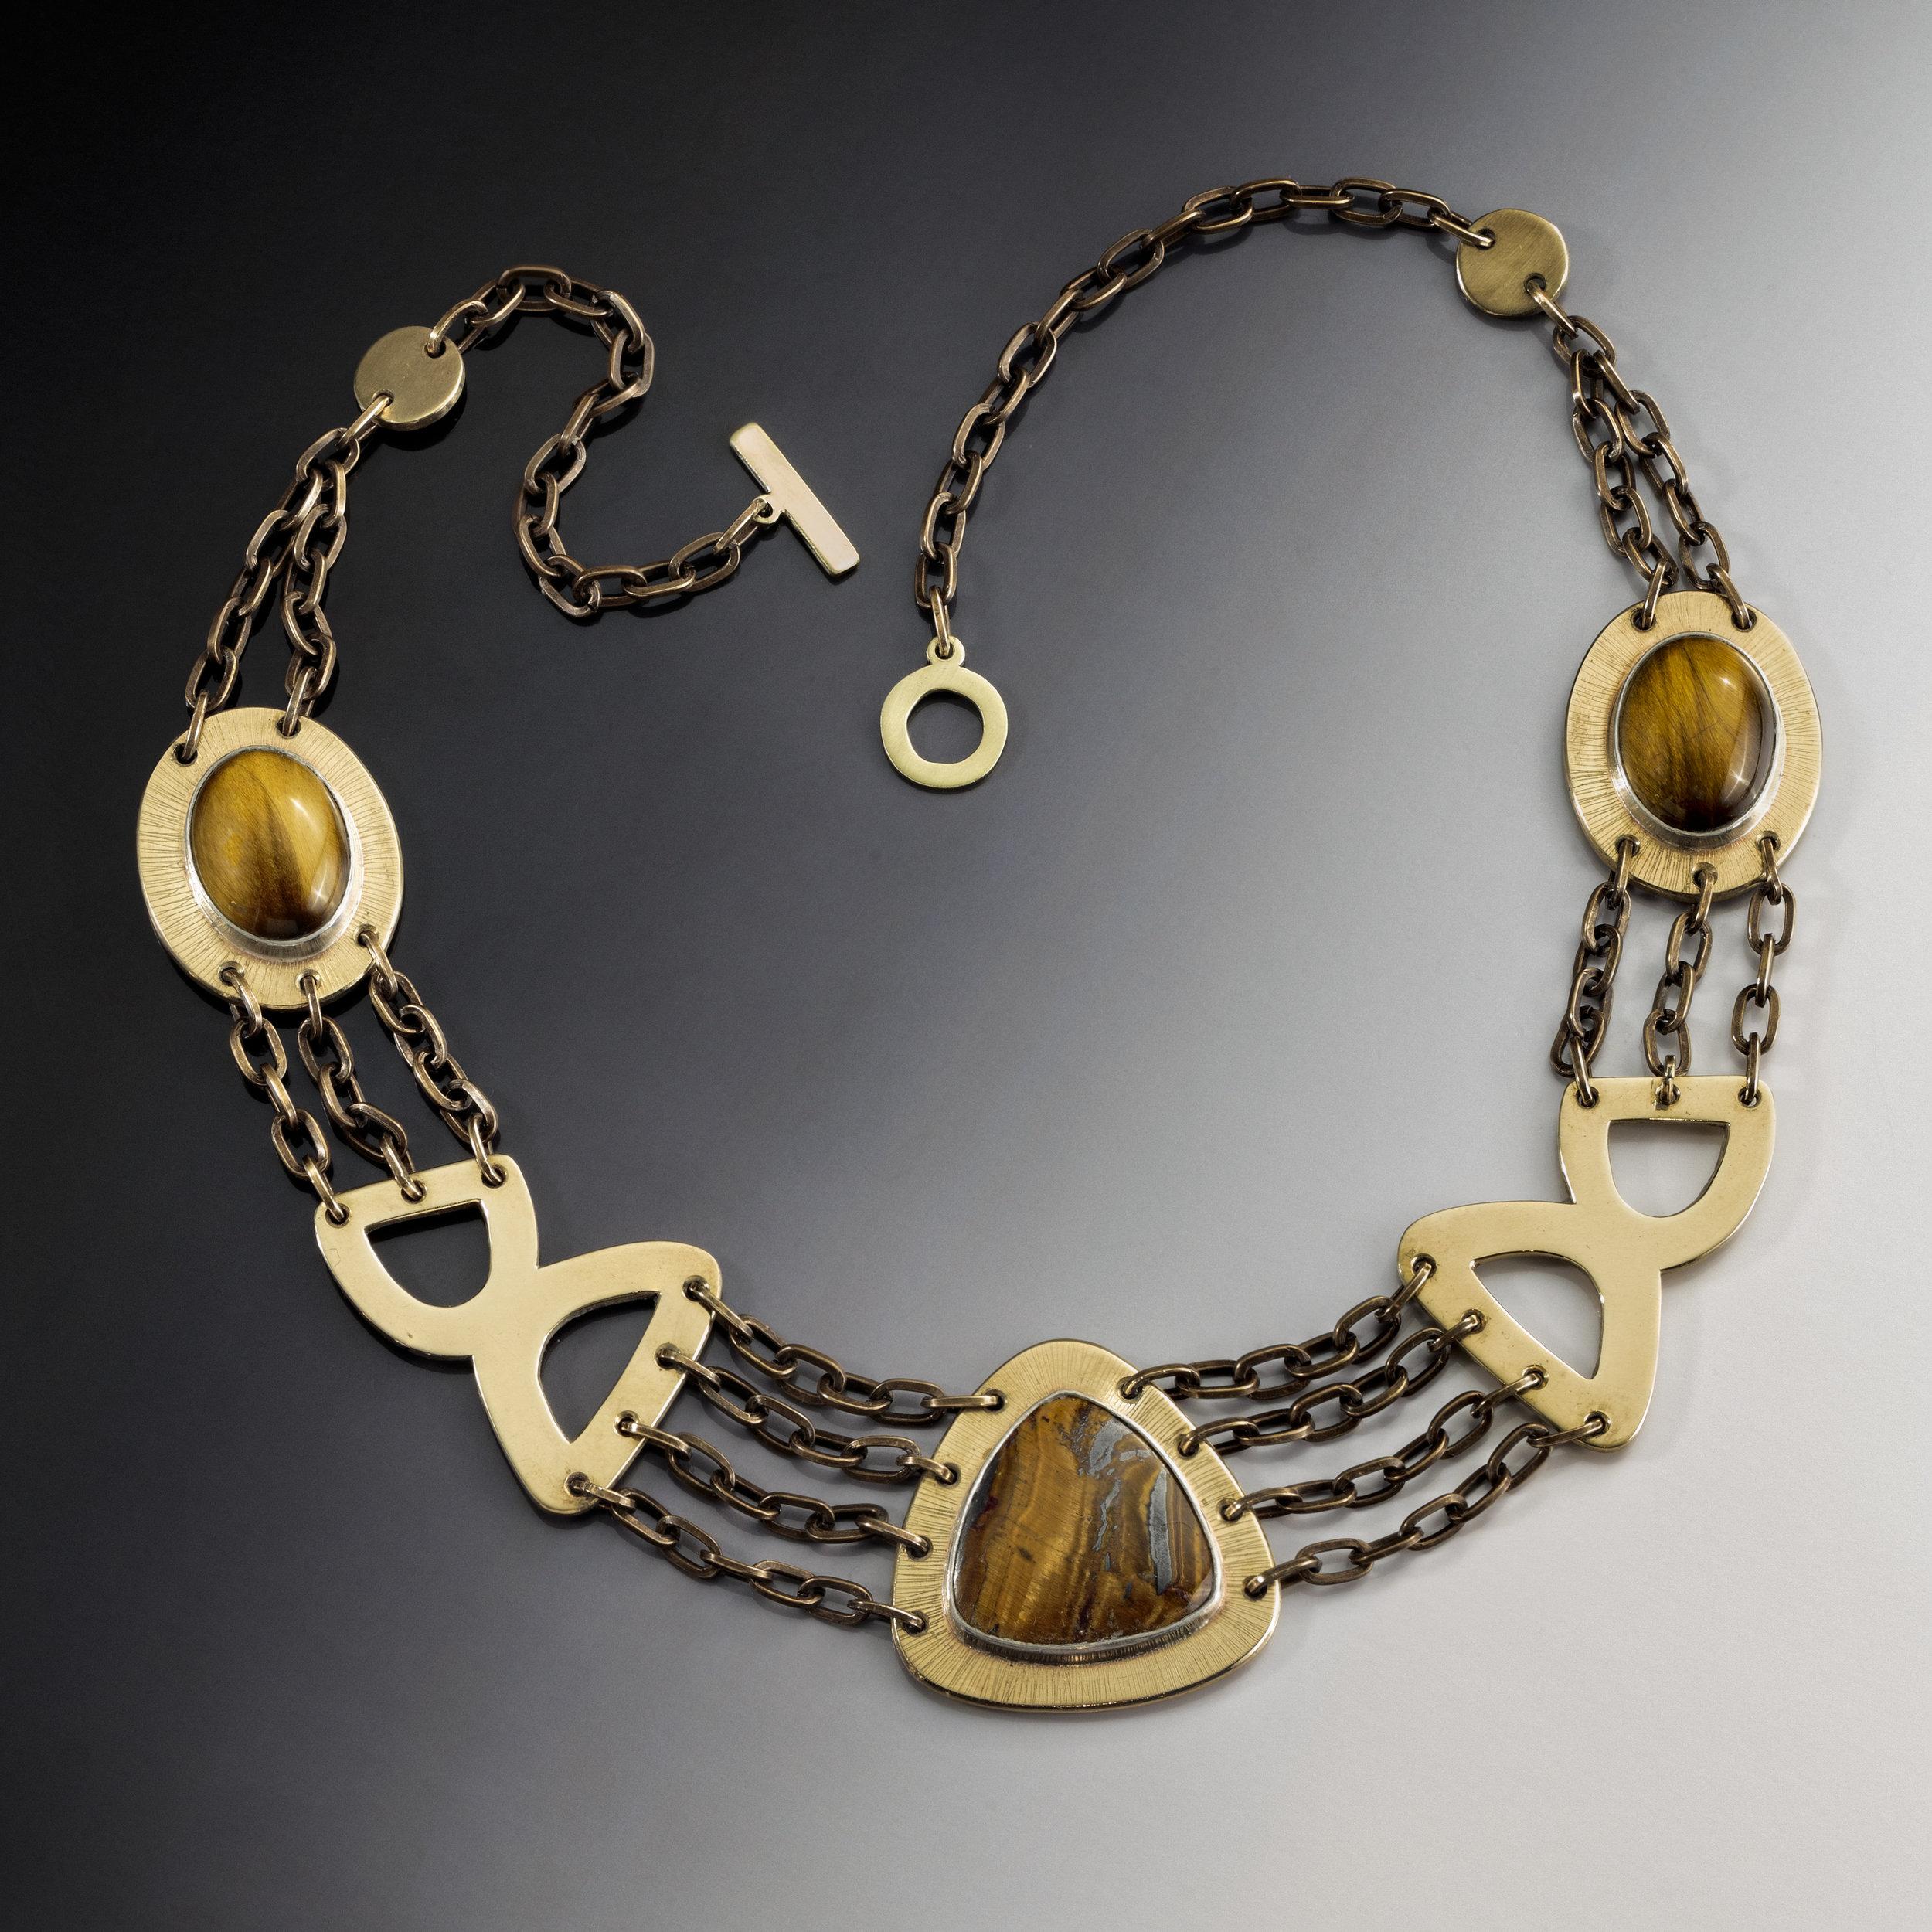 tiger eye necklace.jpg